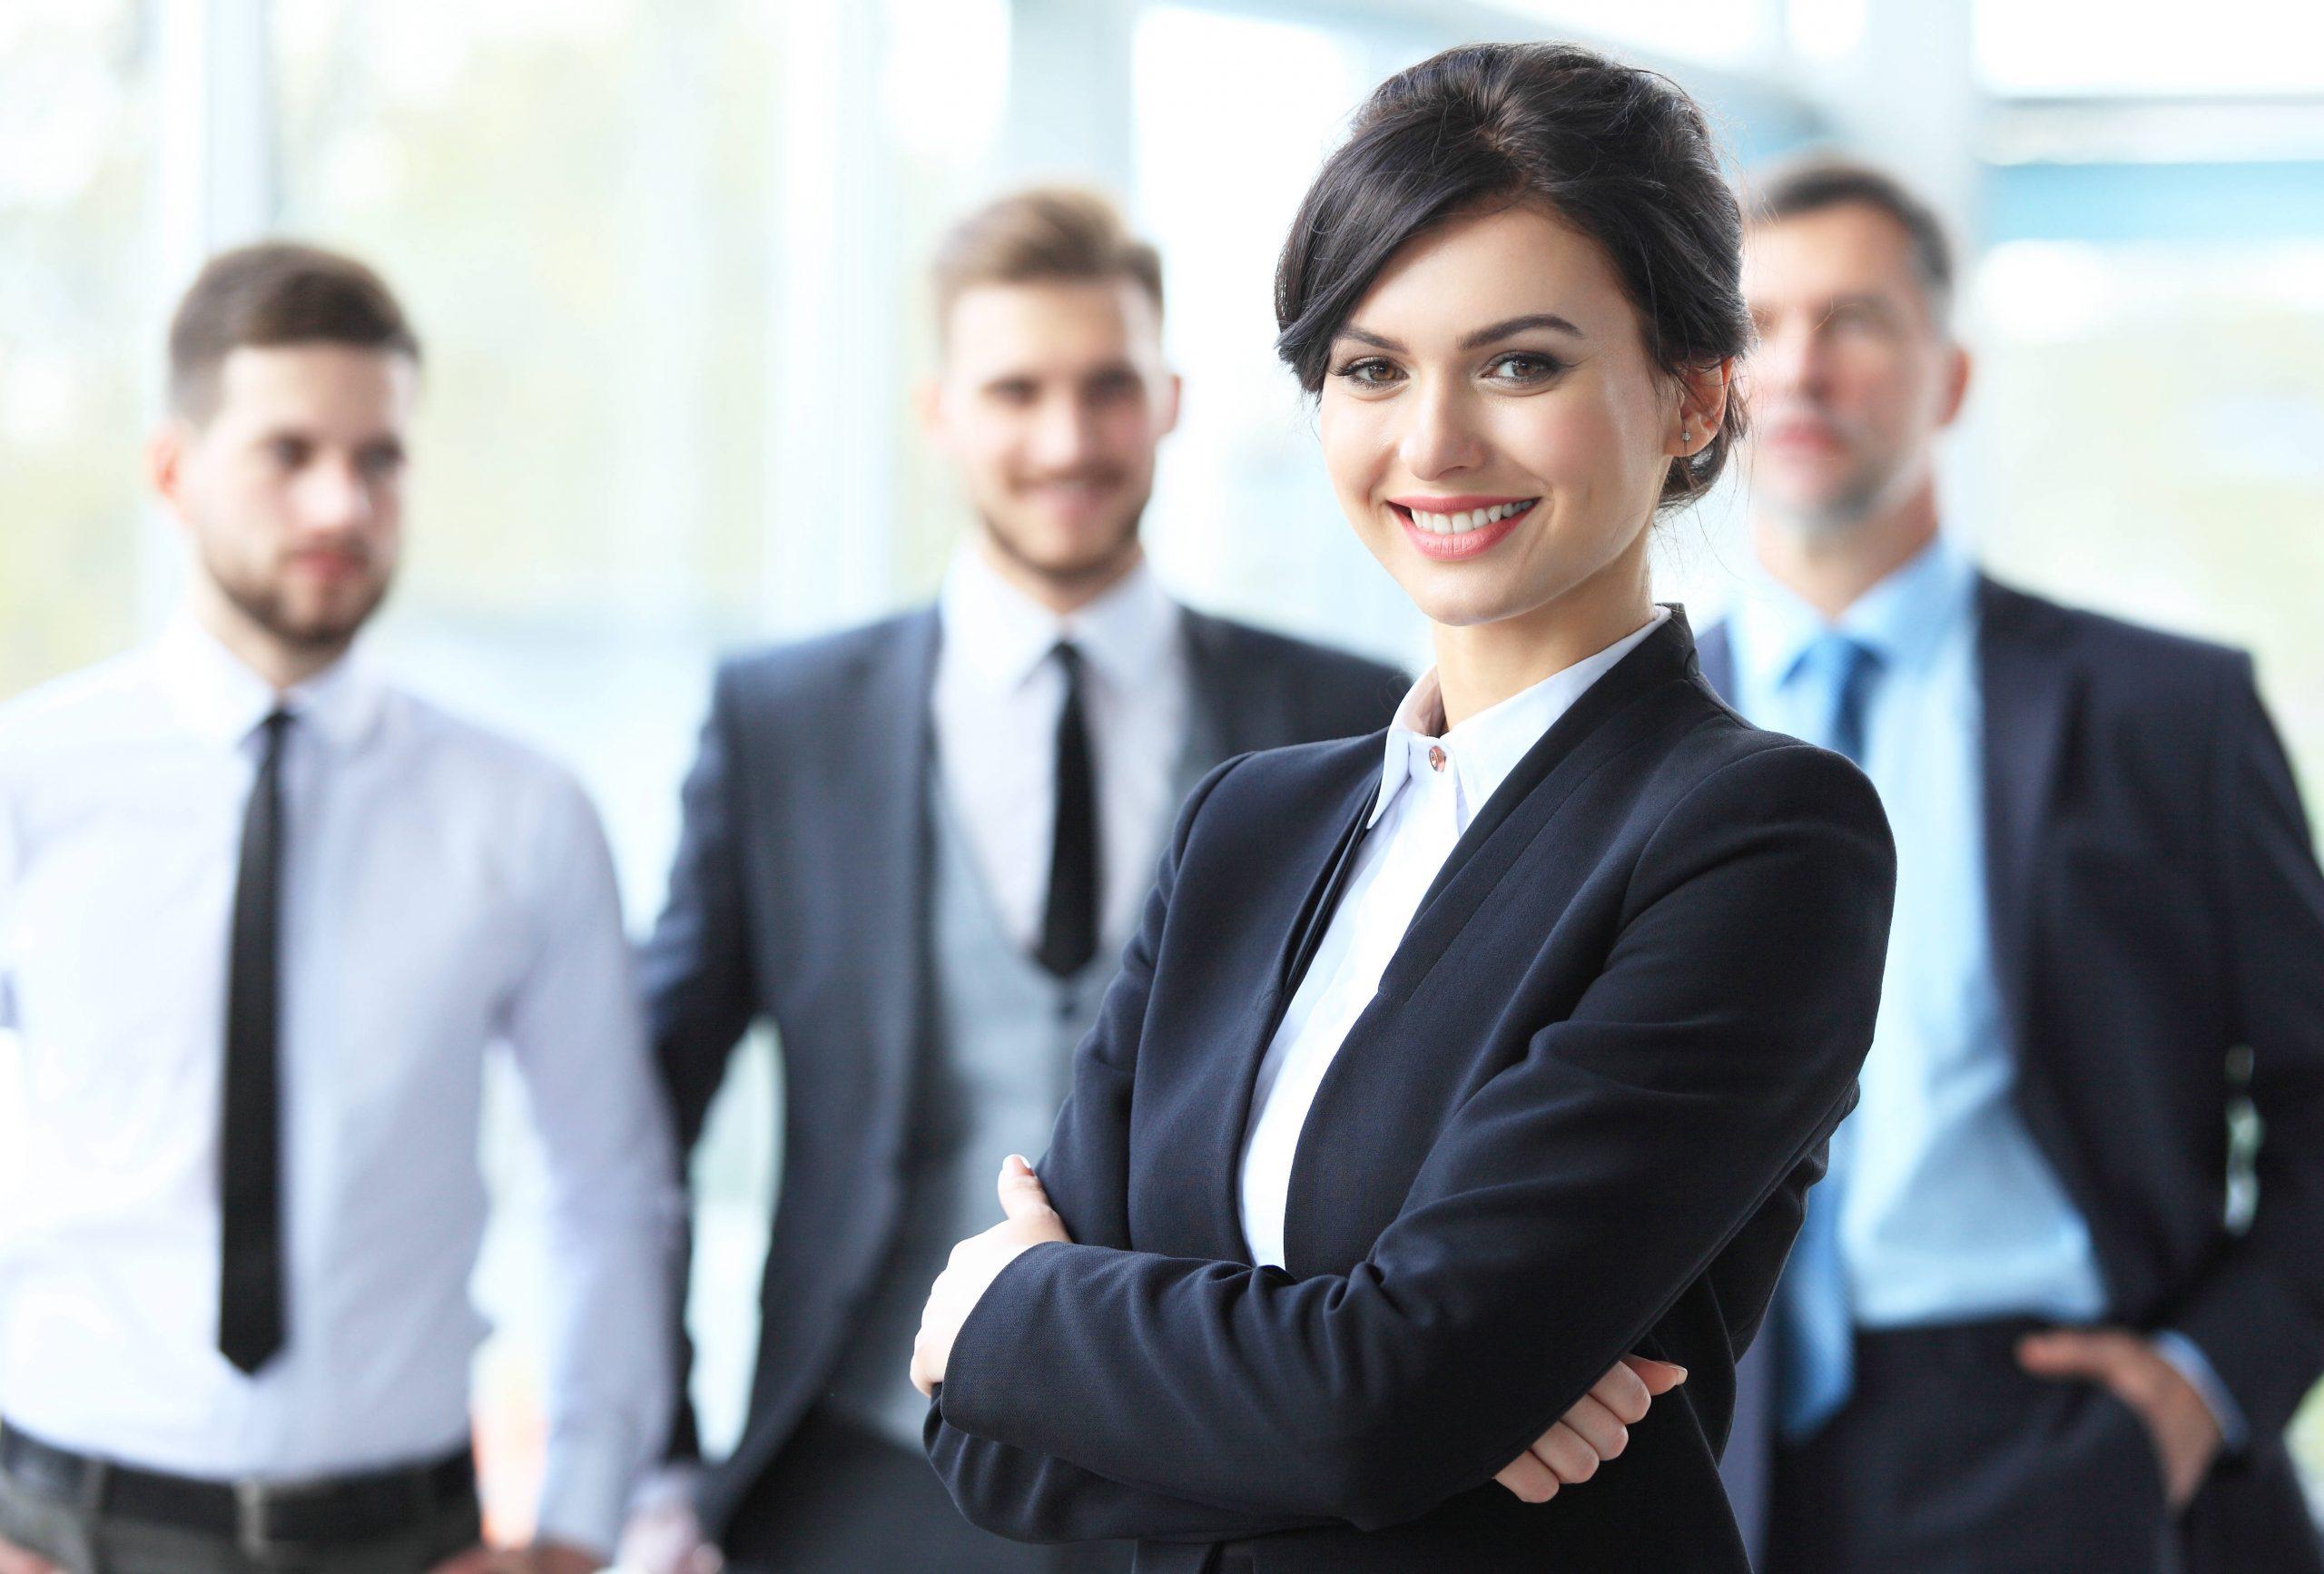 ¿Cómo elegir asesoría de empresas?